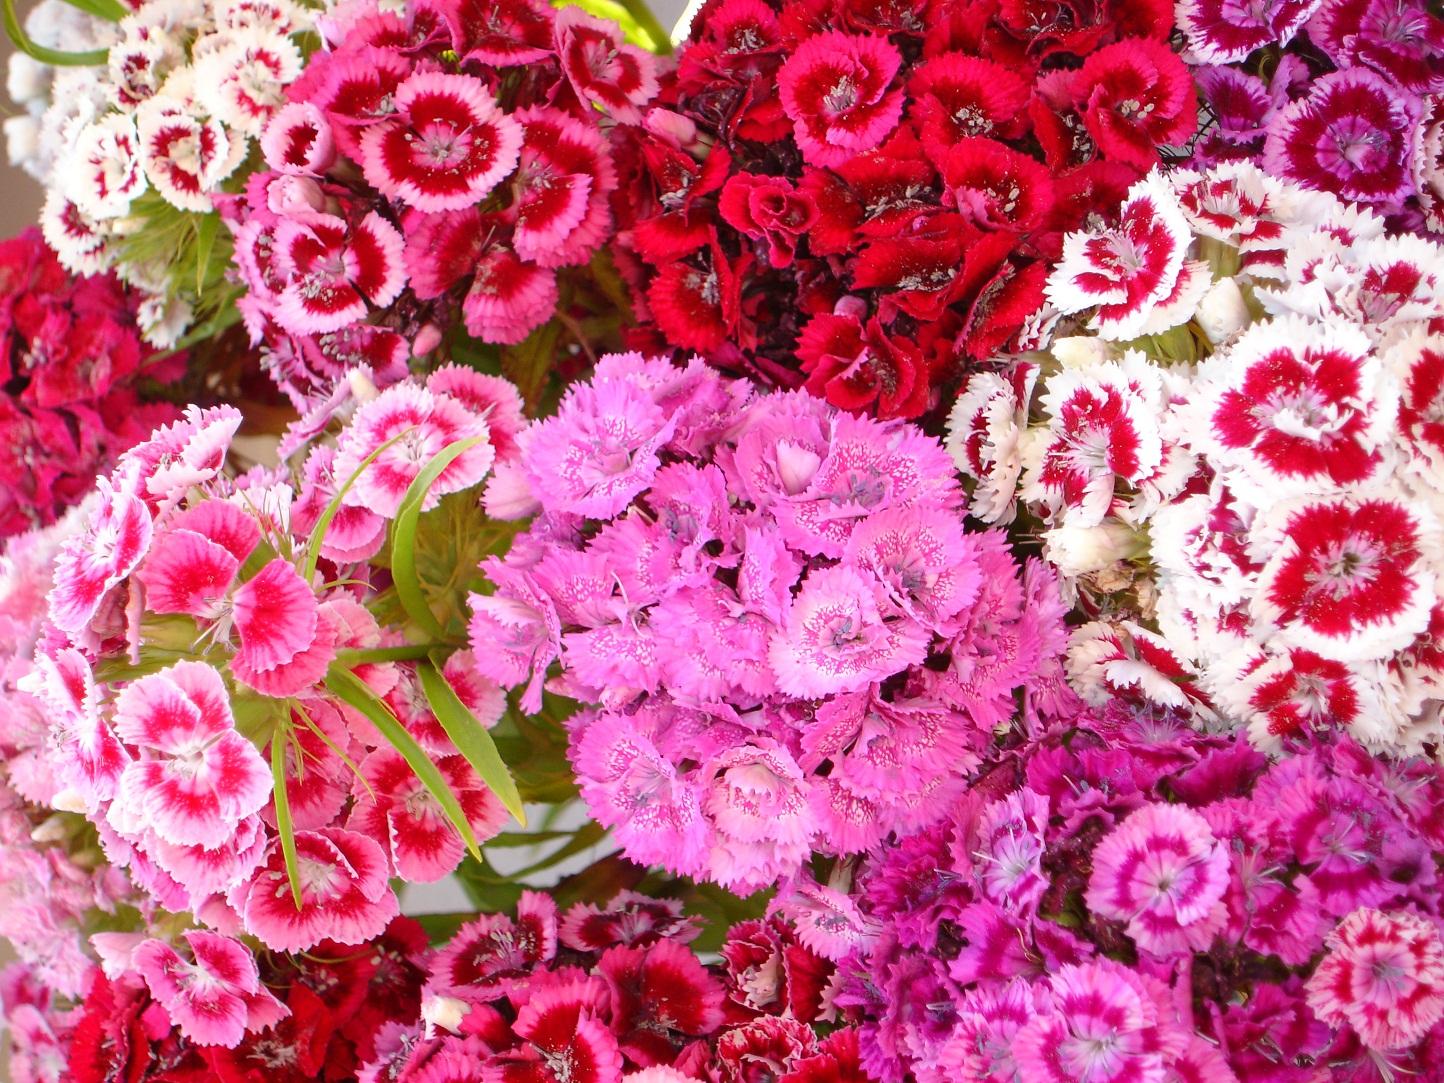 Fondos flor de verano llena de color verano fondos de - Flores de verano ...